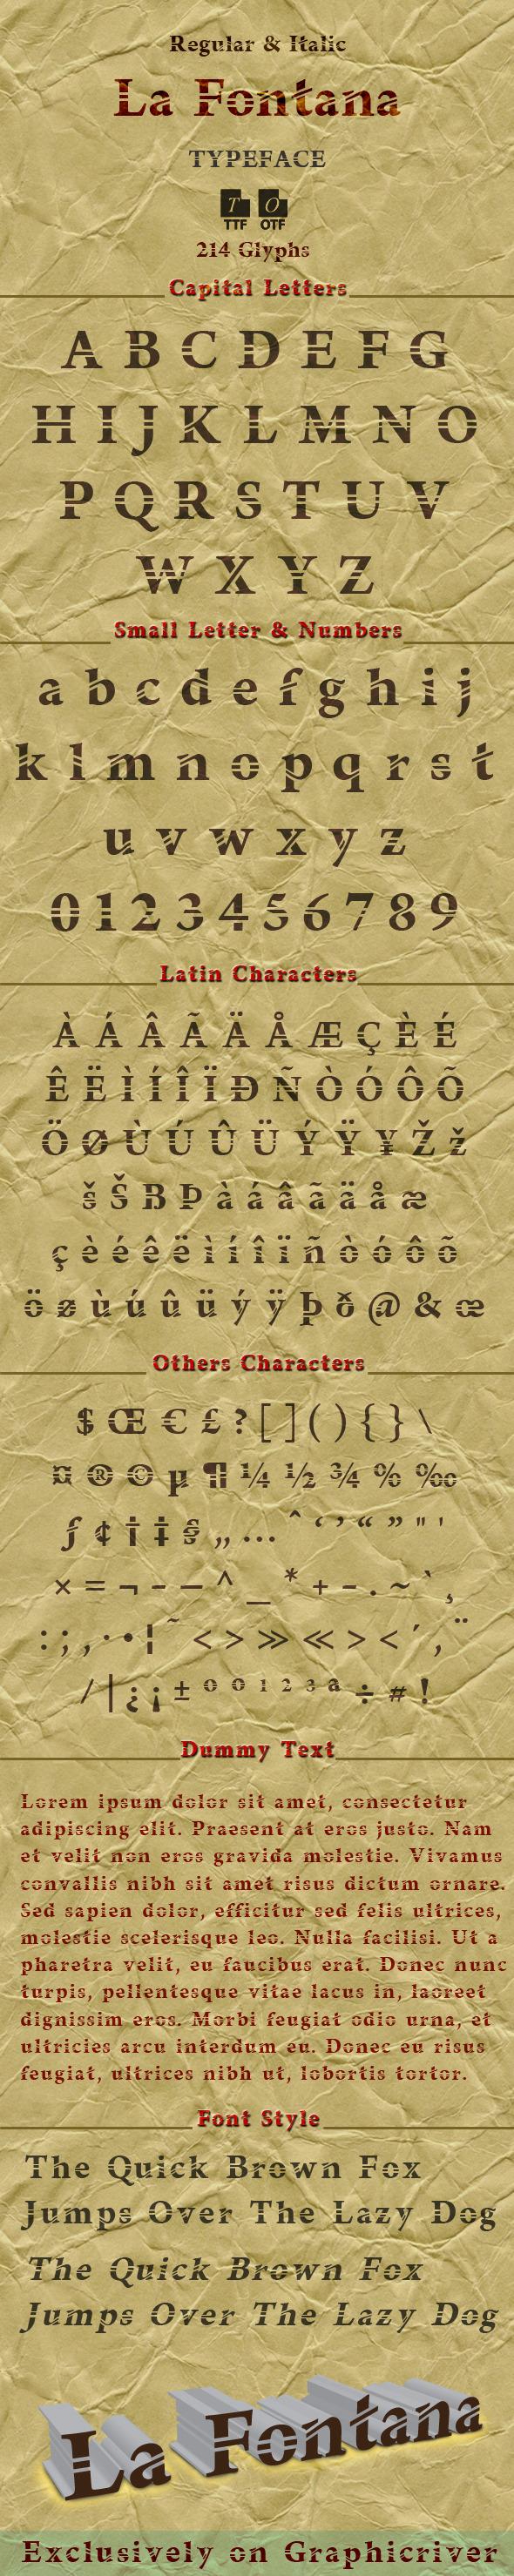 La Fontana typeface - Futuristic Decorative